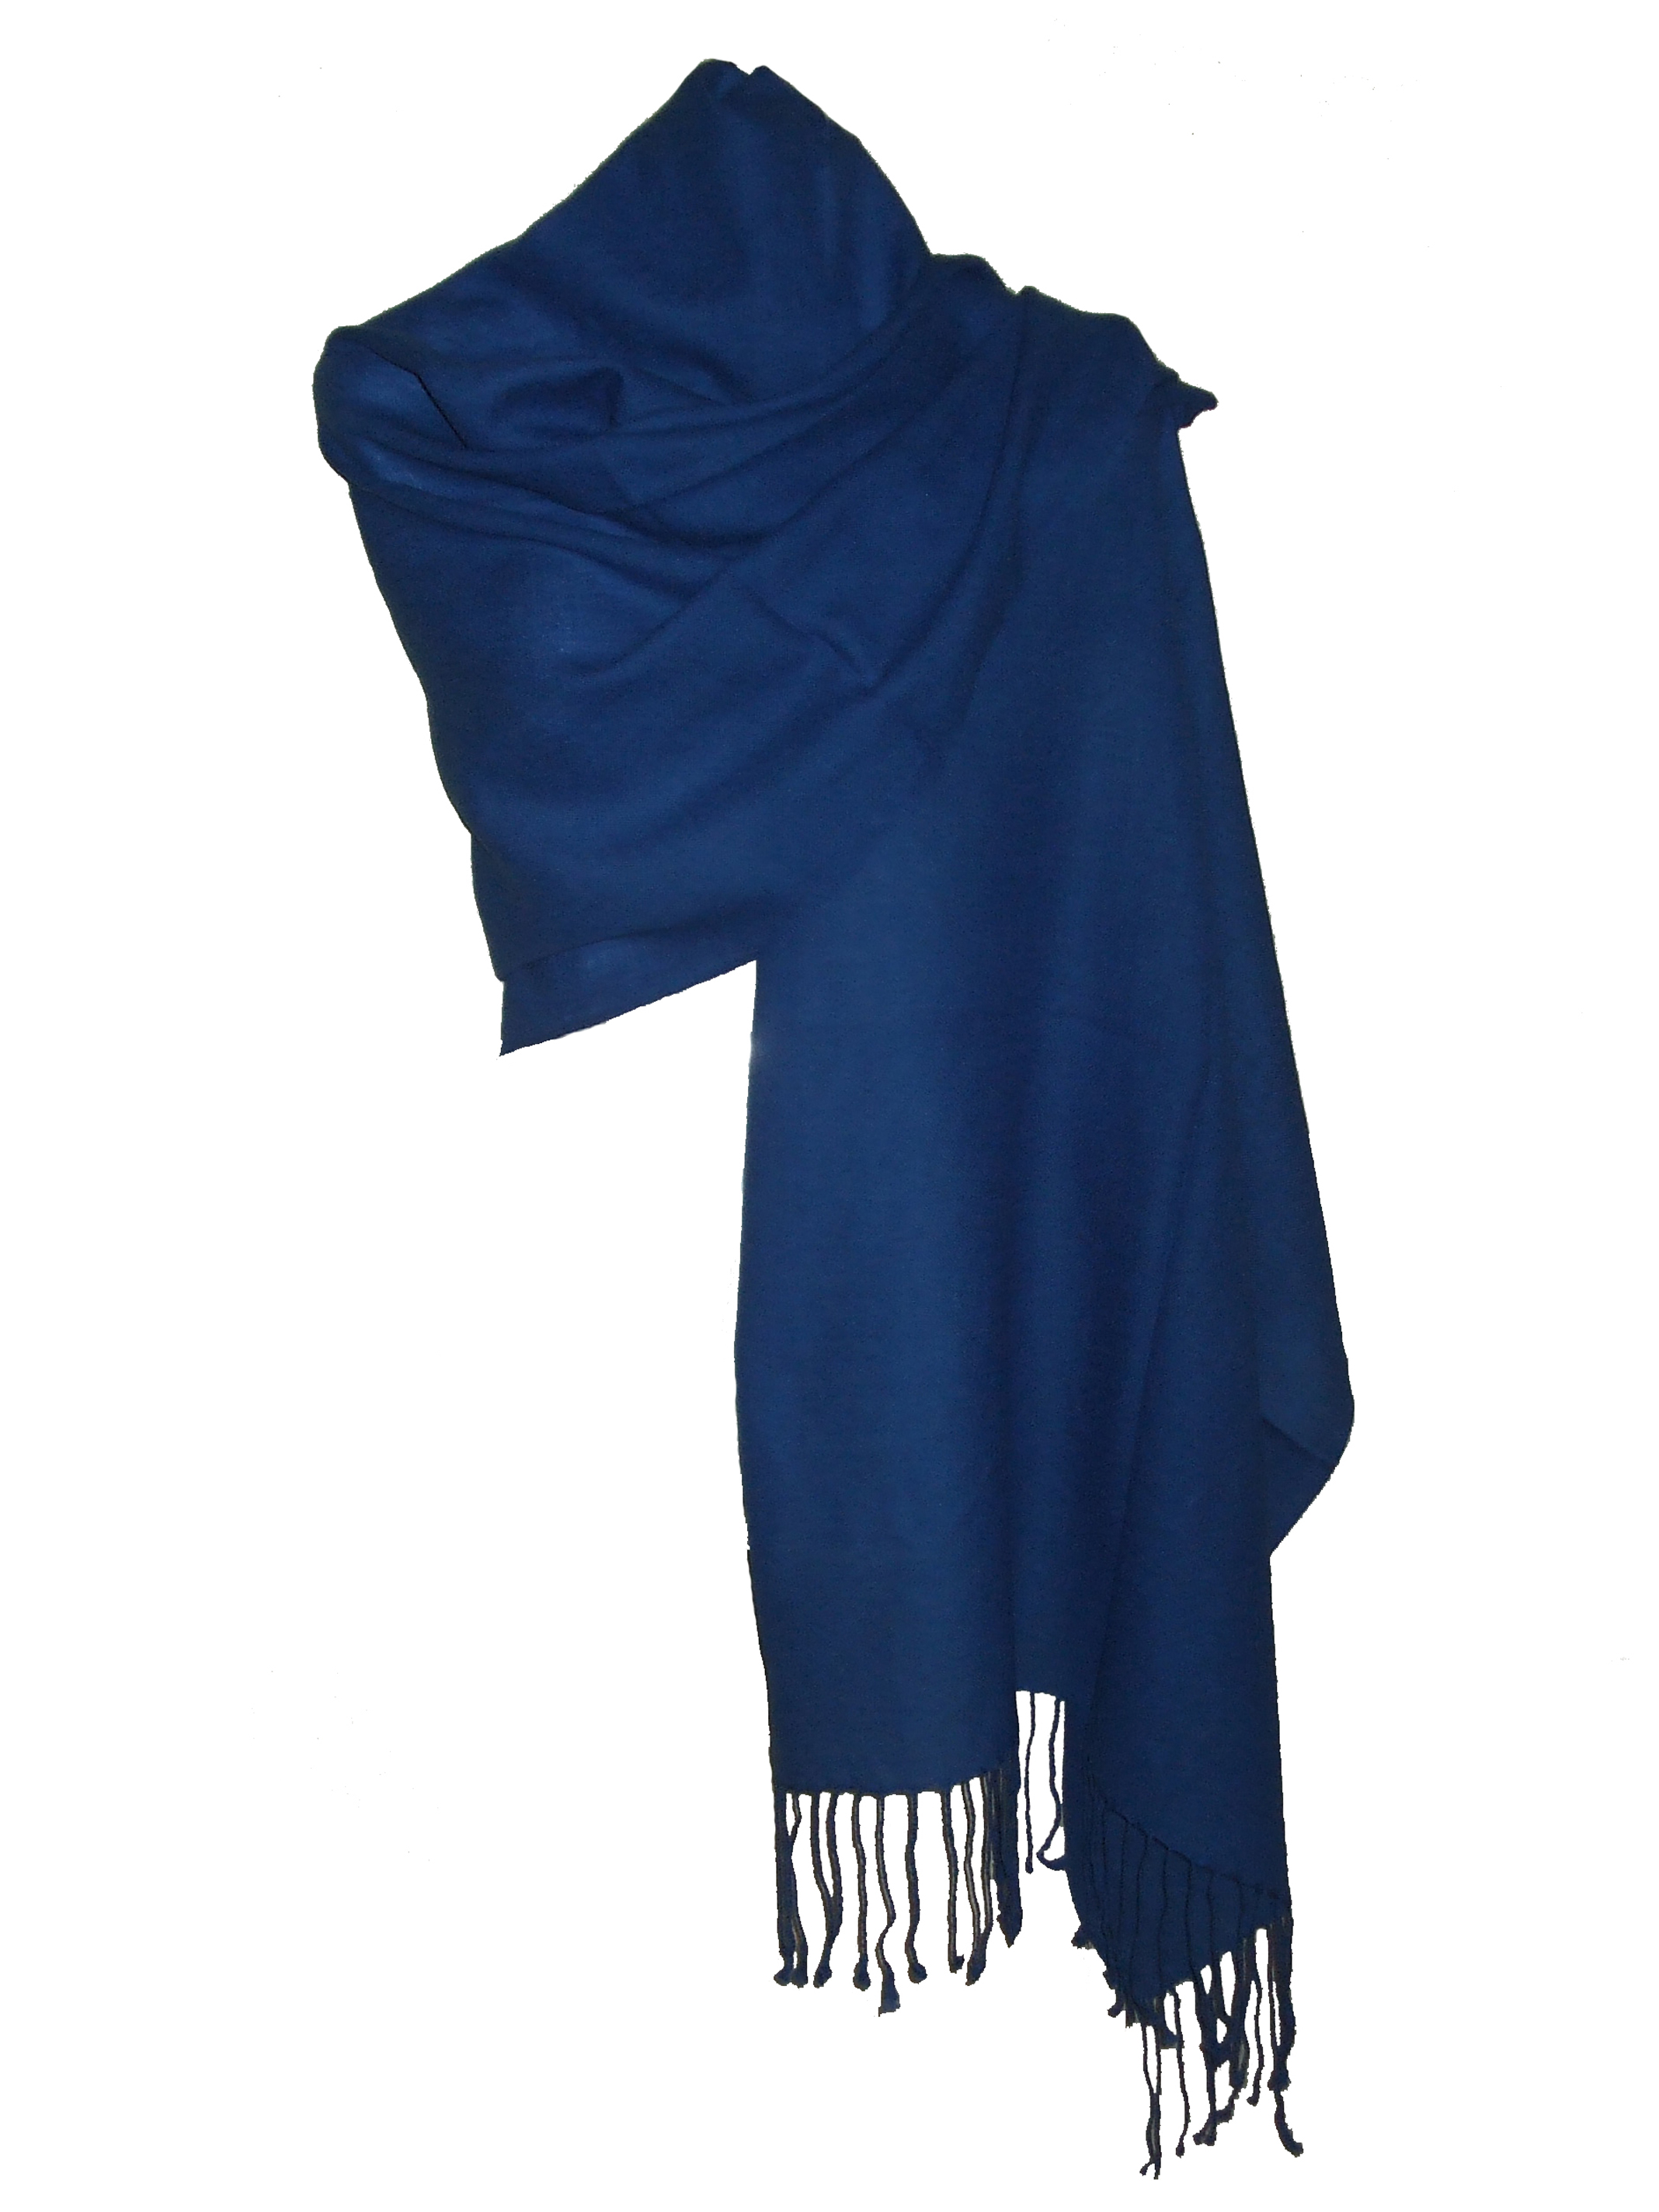 562d2a5d1b6 Etole Echarpe Femme Bleu Indigo en Laine Fine fineBi   itendance.com ...